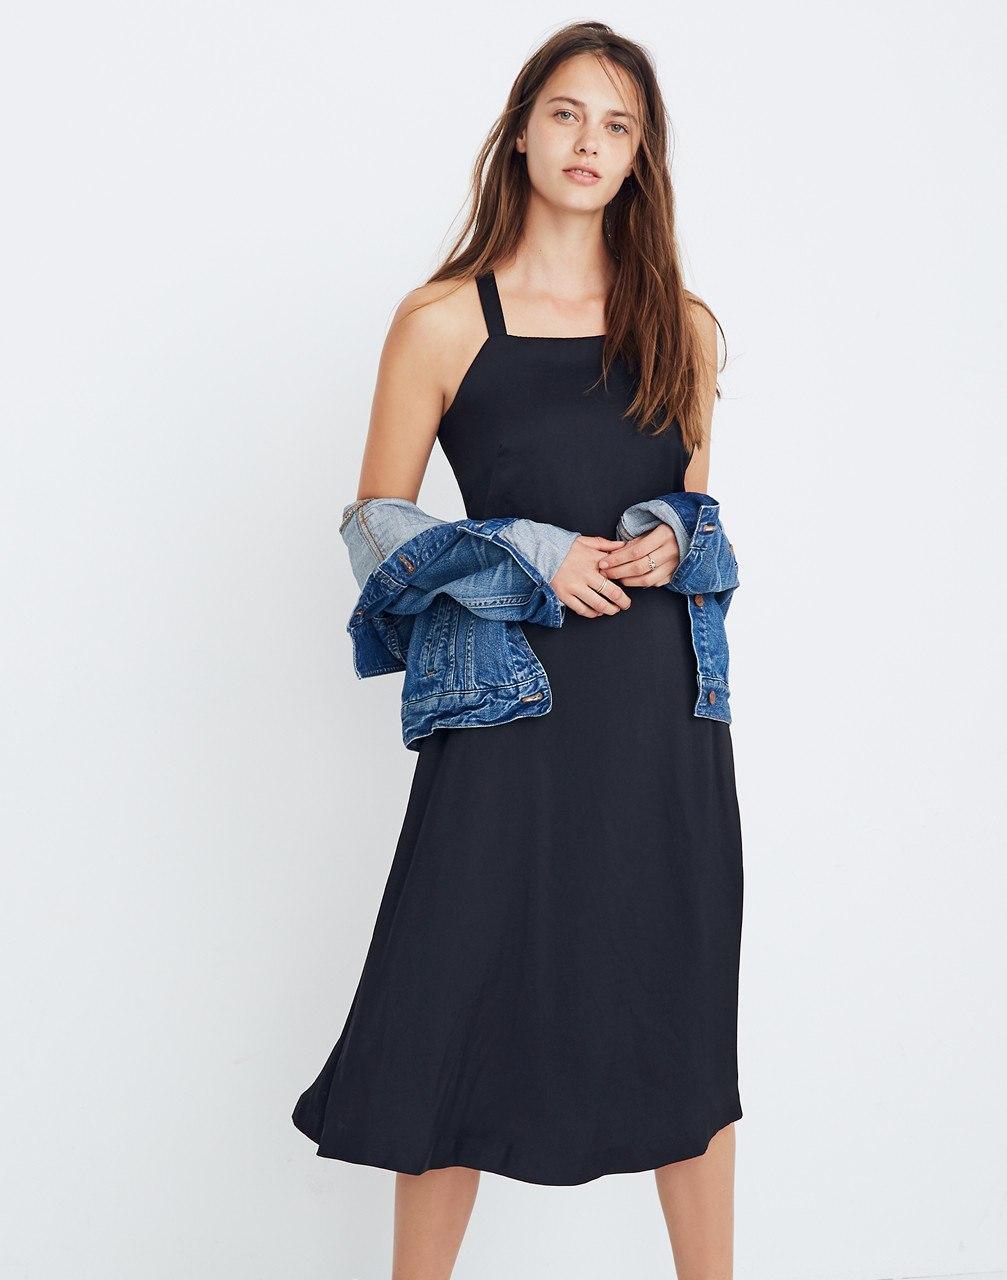 f84c716dd5 Lyst - Madewell Cross-back Midi Dress in Black